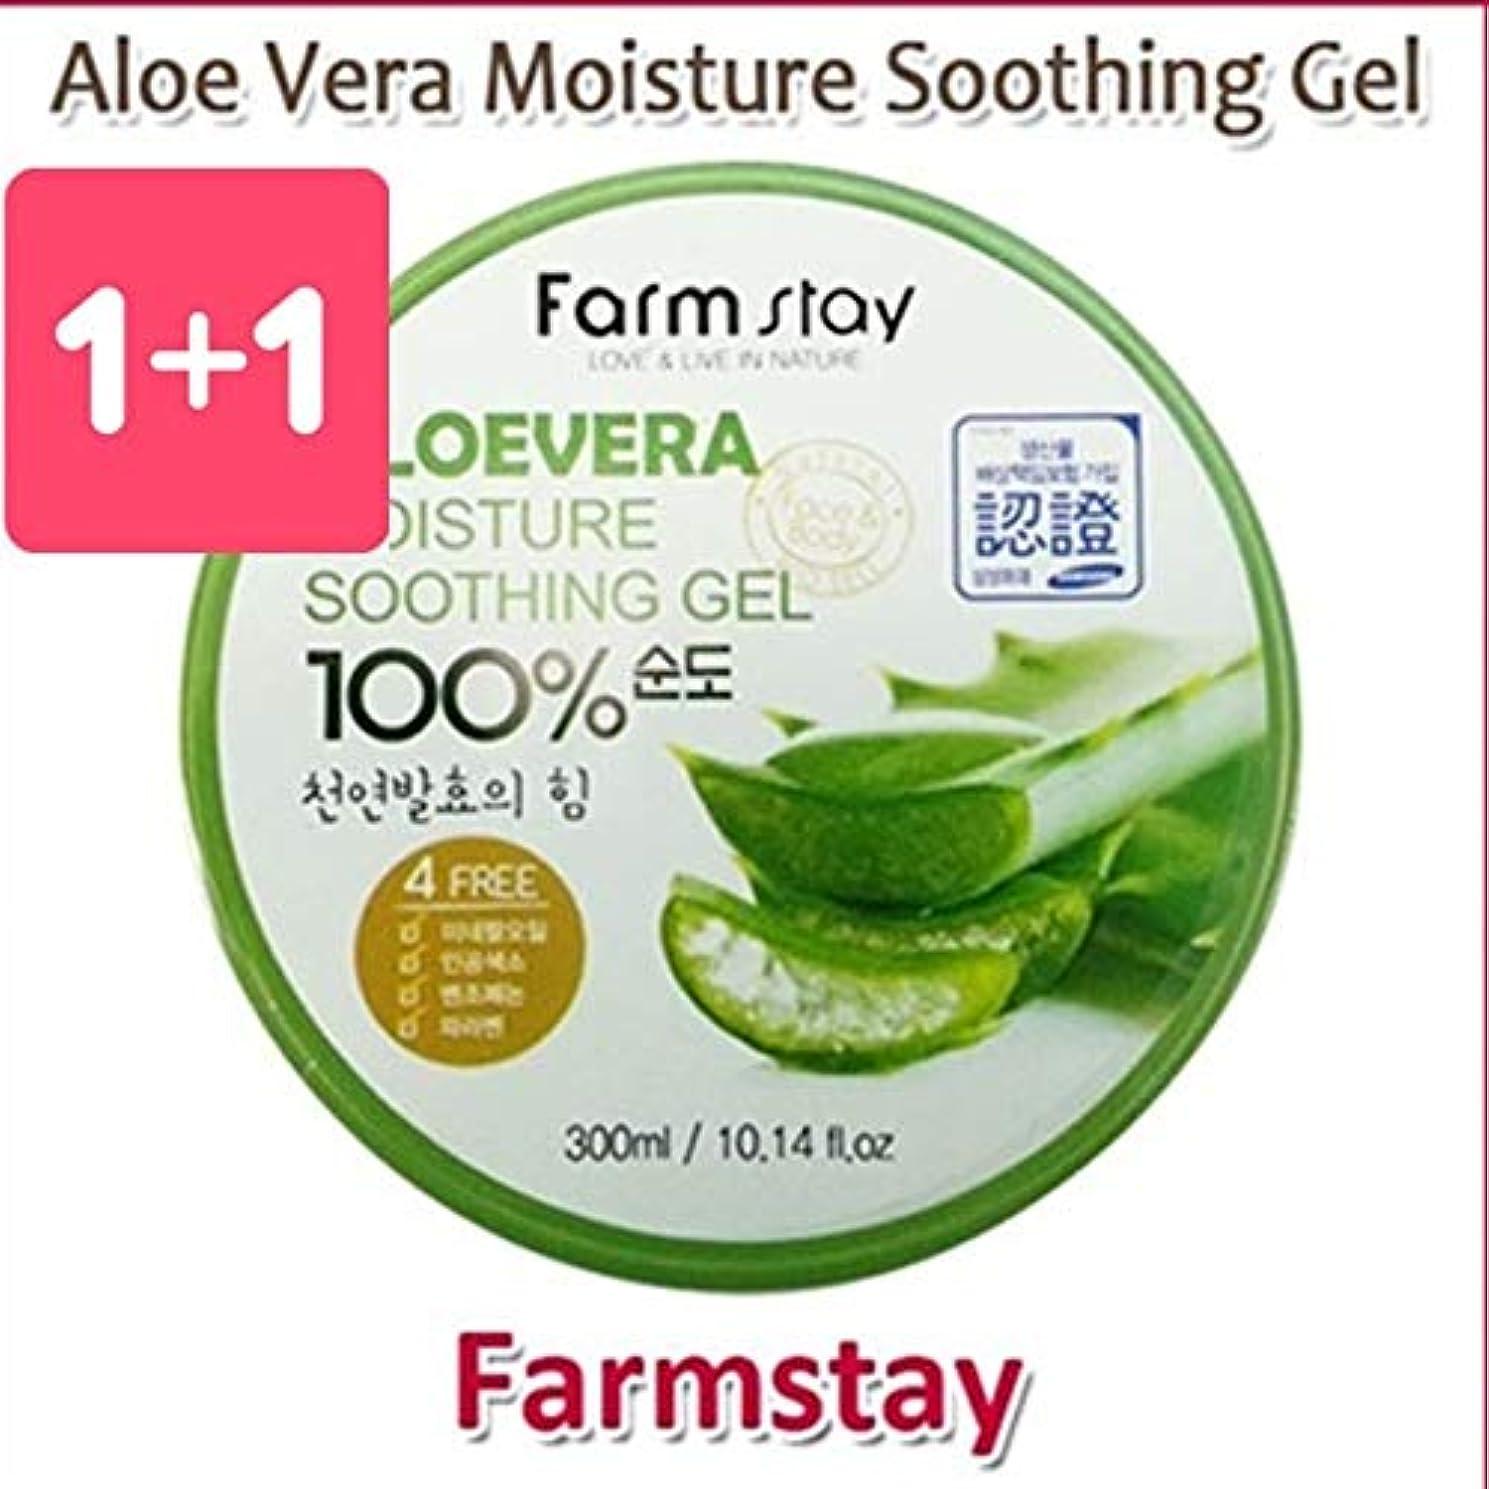 領収書チューインガムバイパスFarm Stay Aloe Vera Moisture Soothing Gel 300ml 1+1 Big Sale/オーガニック アロエベラゲル 100%/保湿ケア/韓国コスメ/Aloe Vera 100% /Moisturizing...